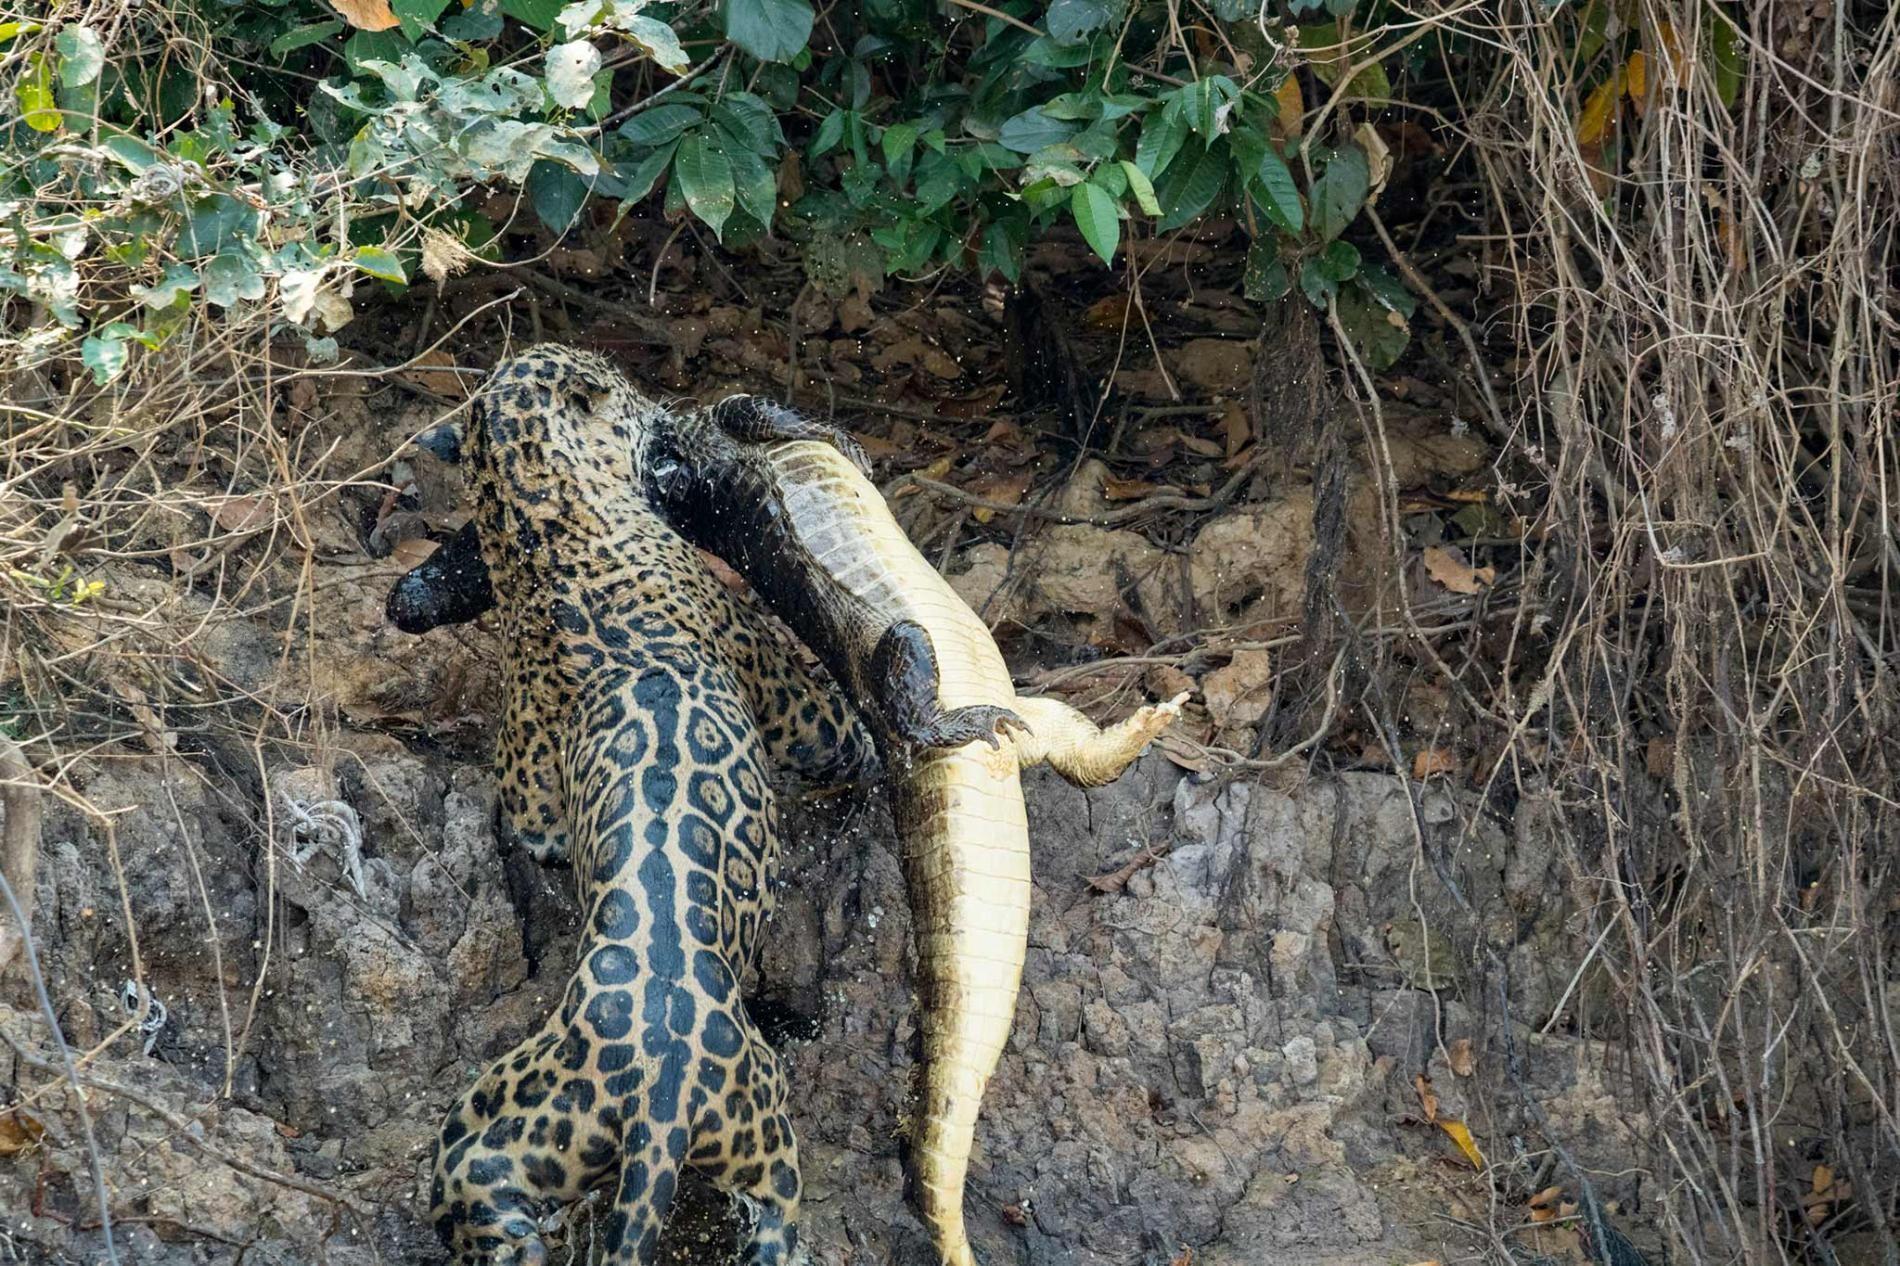 Photos Show Jaguar 'Scarface' Taking Down Dangerous Prey